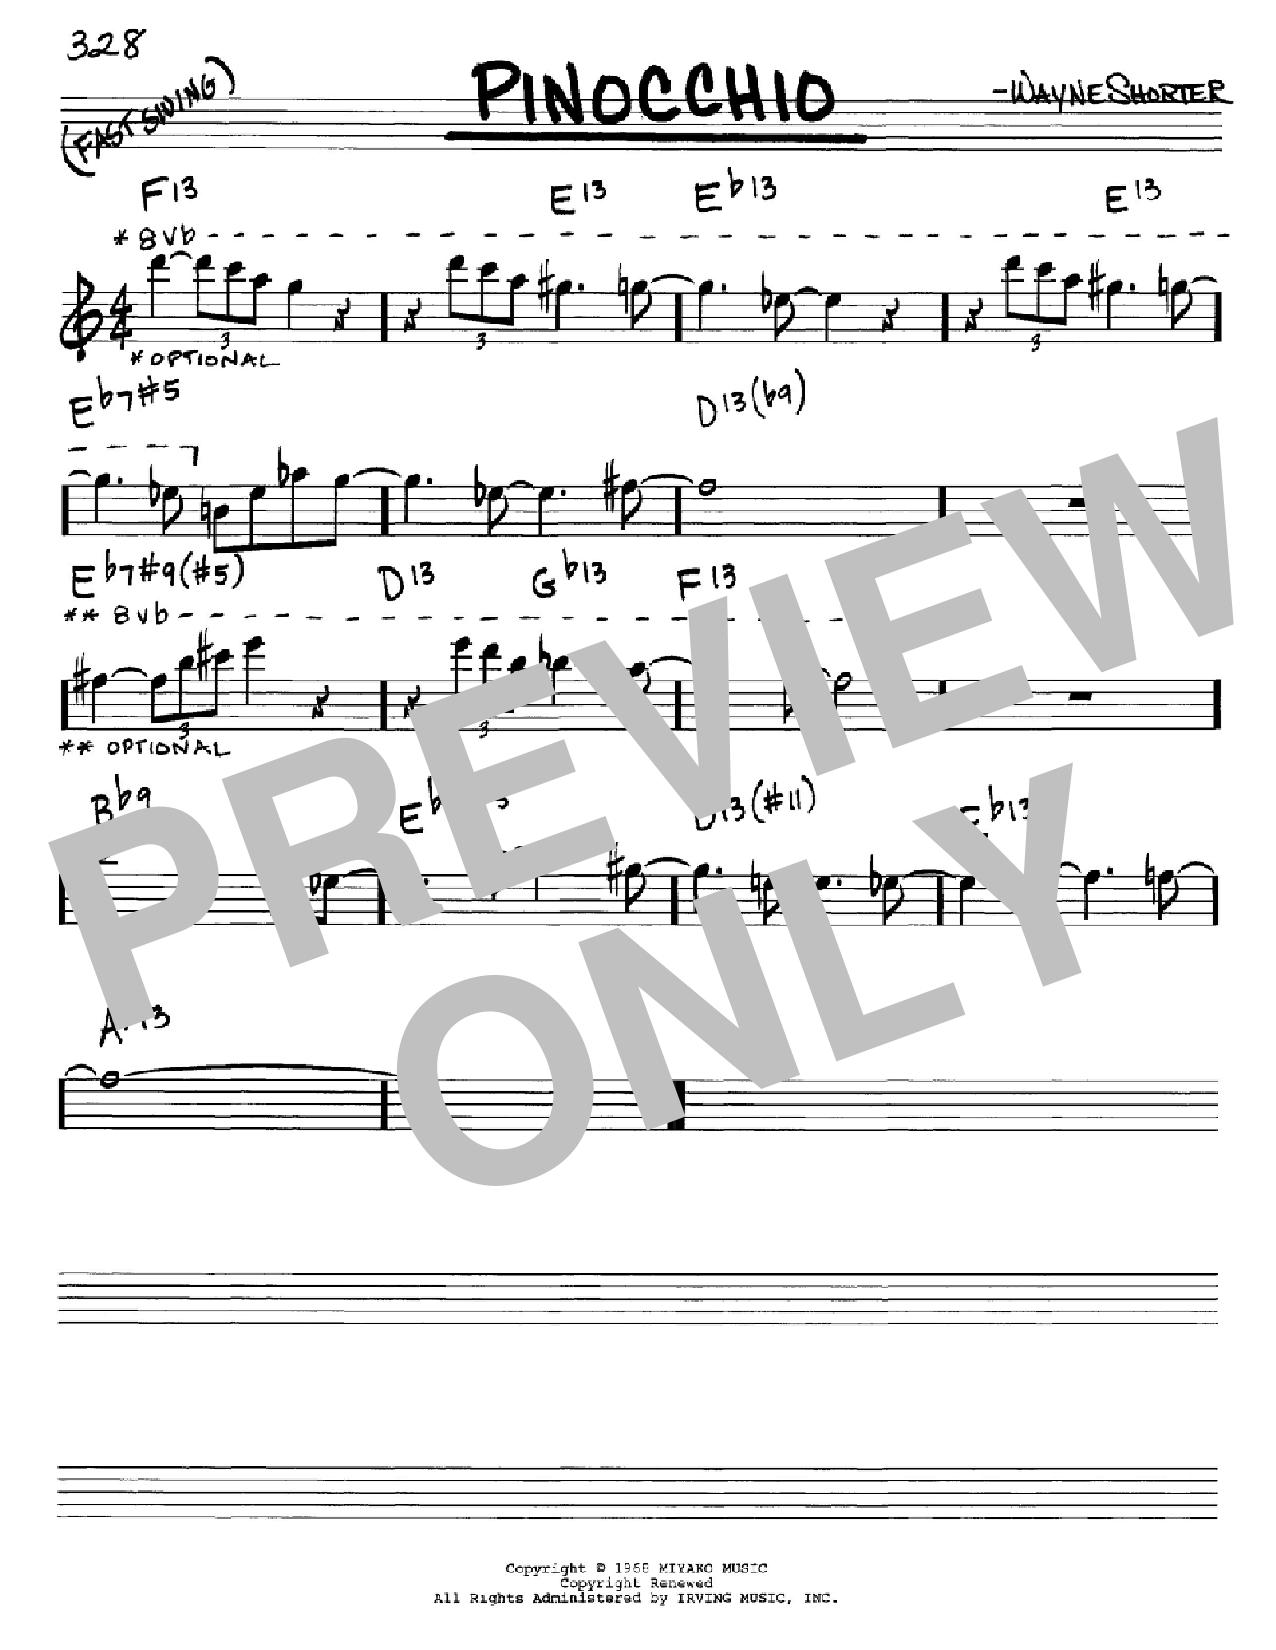 Partition autre Pinocchio de Wayne Shorter - Real Book, Melodie et Accords, Inst. En Mib